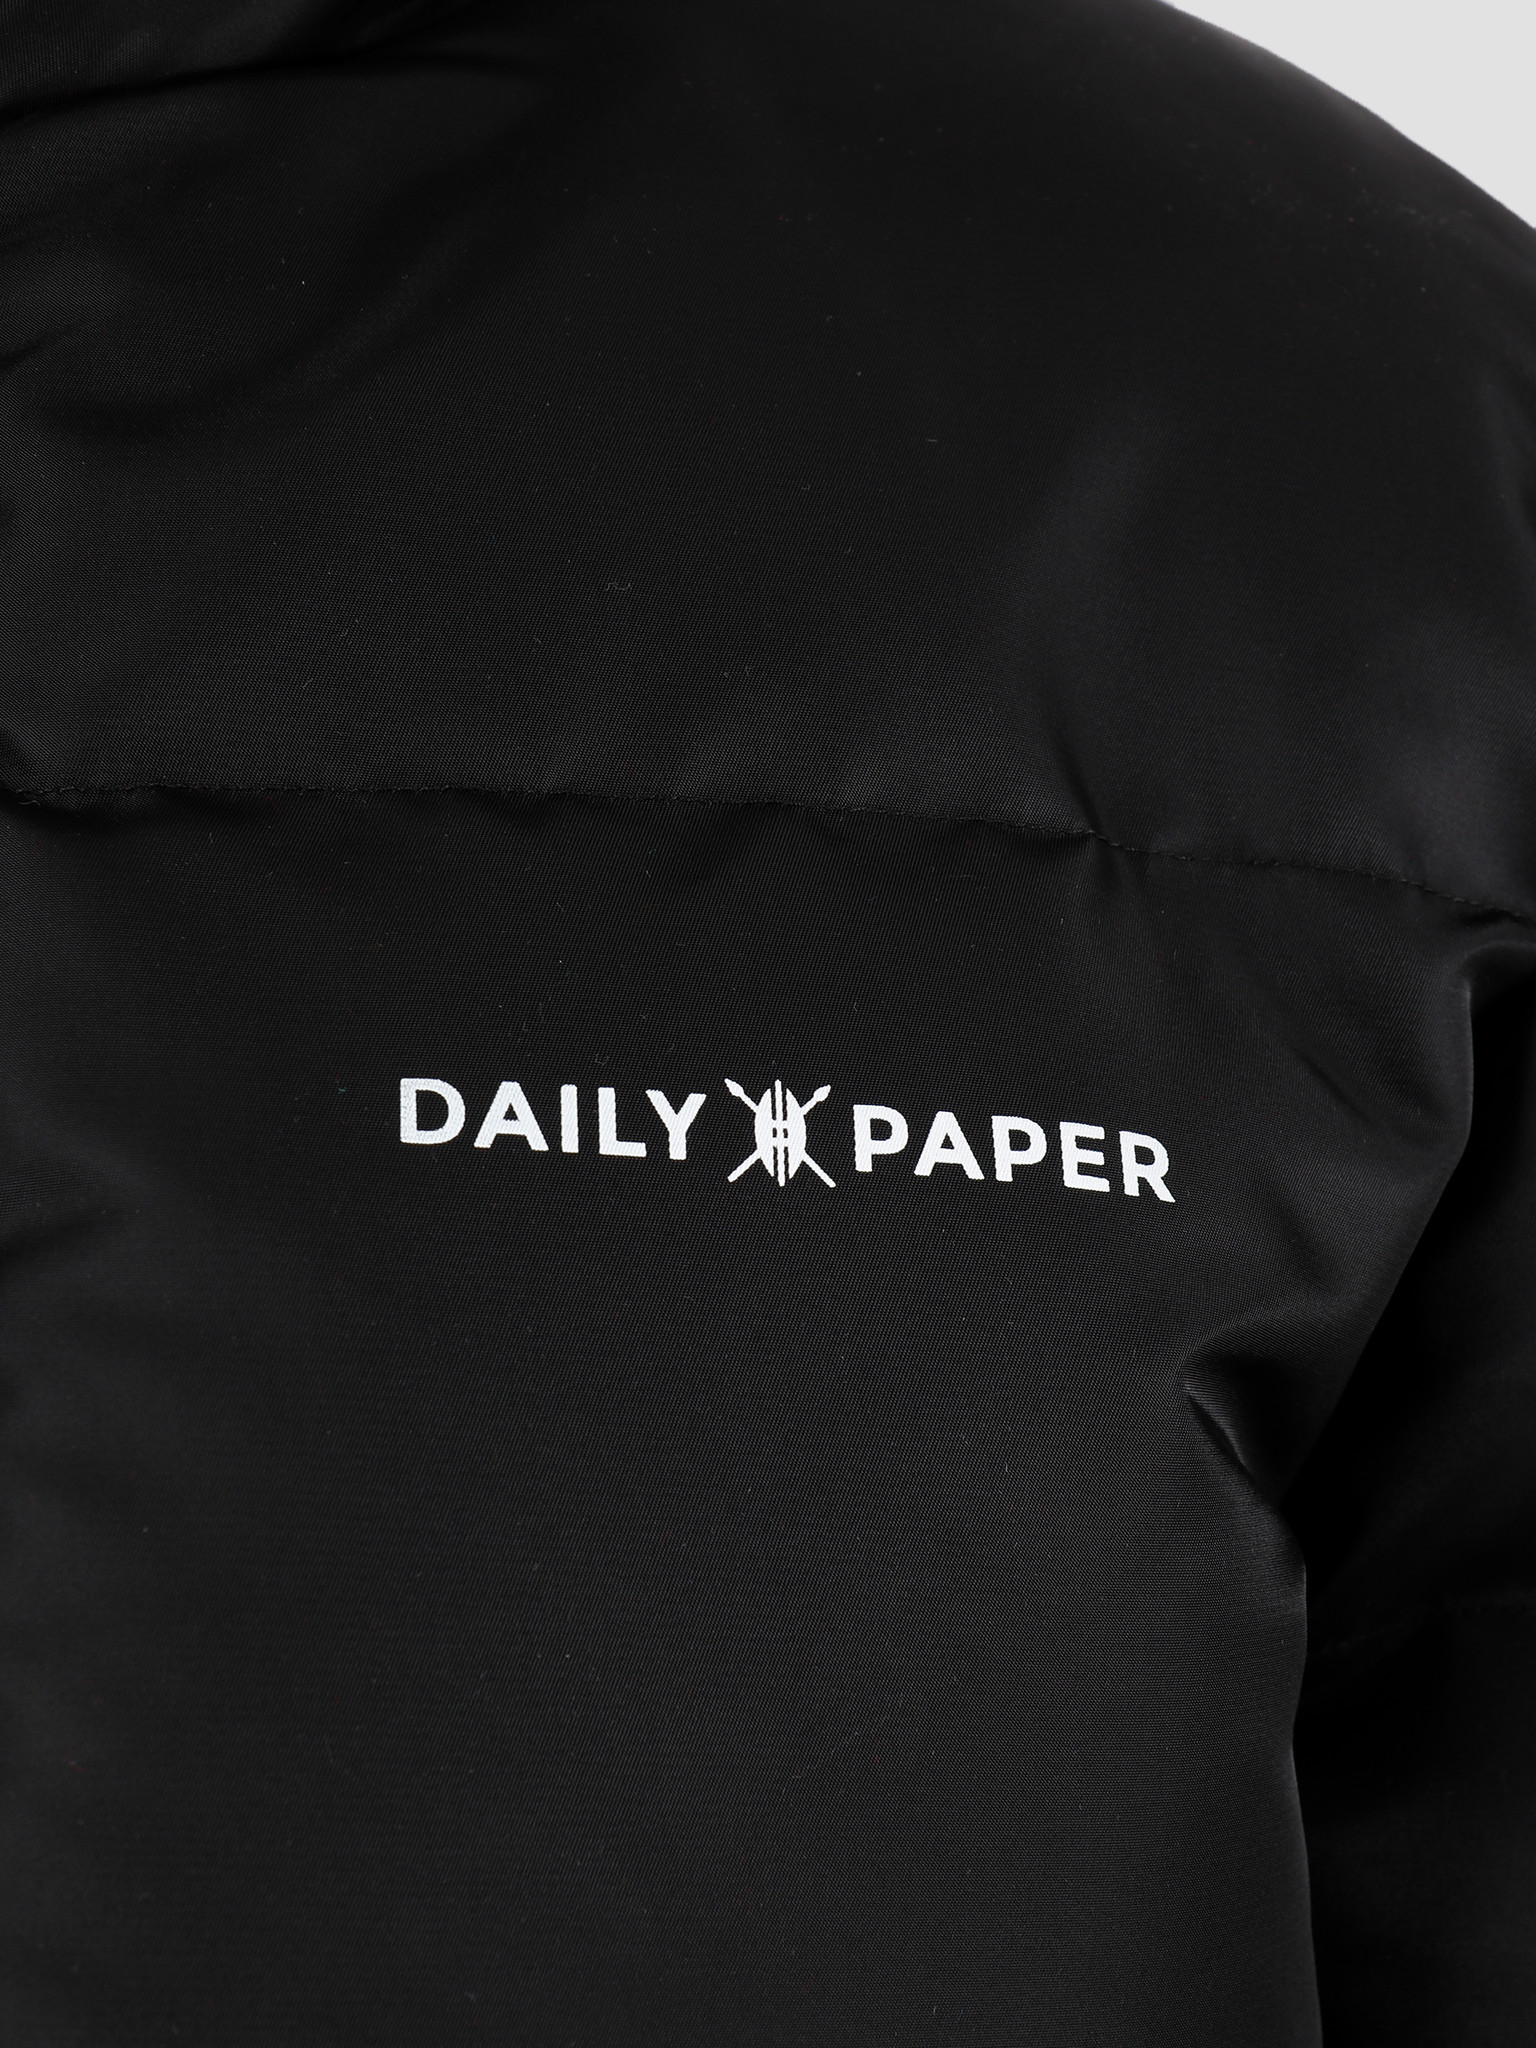 Daily Paper Daily Paper Core Puffer Black 18F1OU01